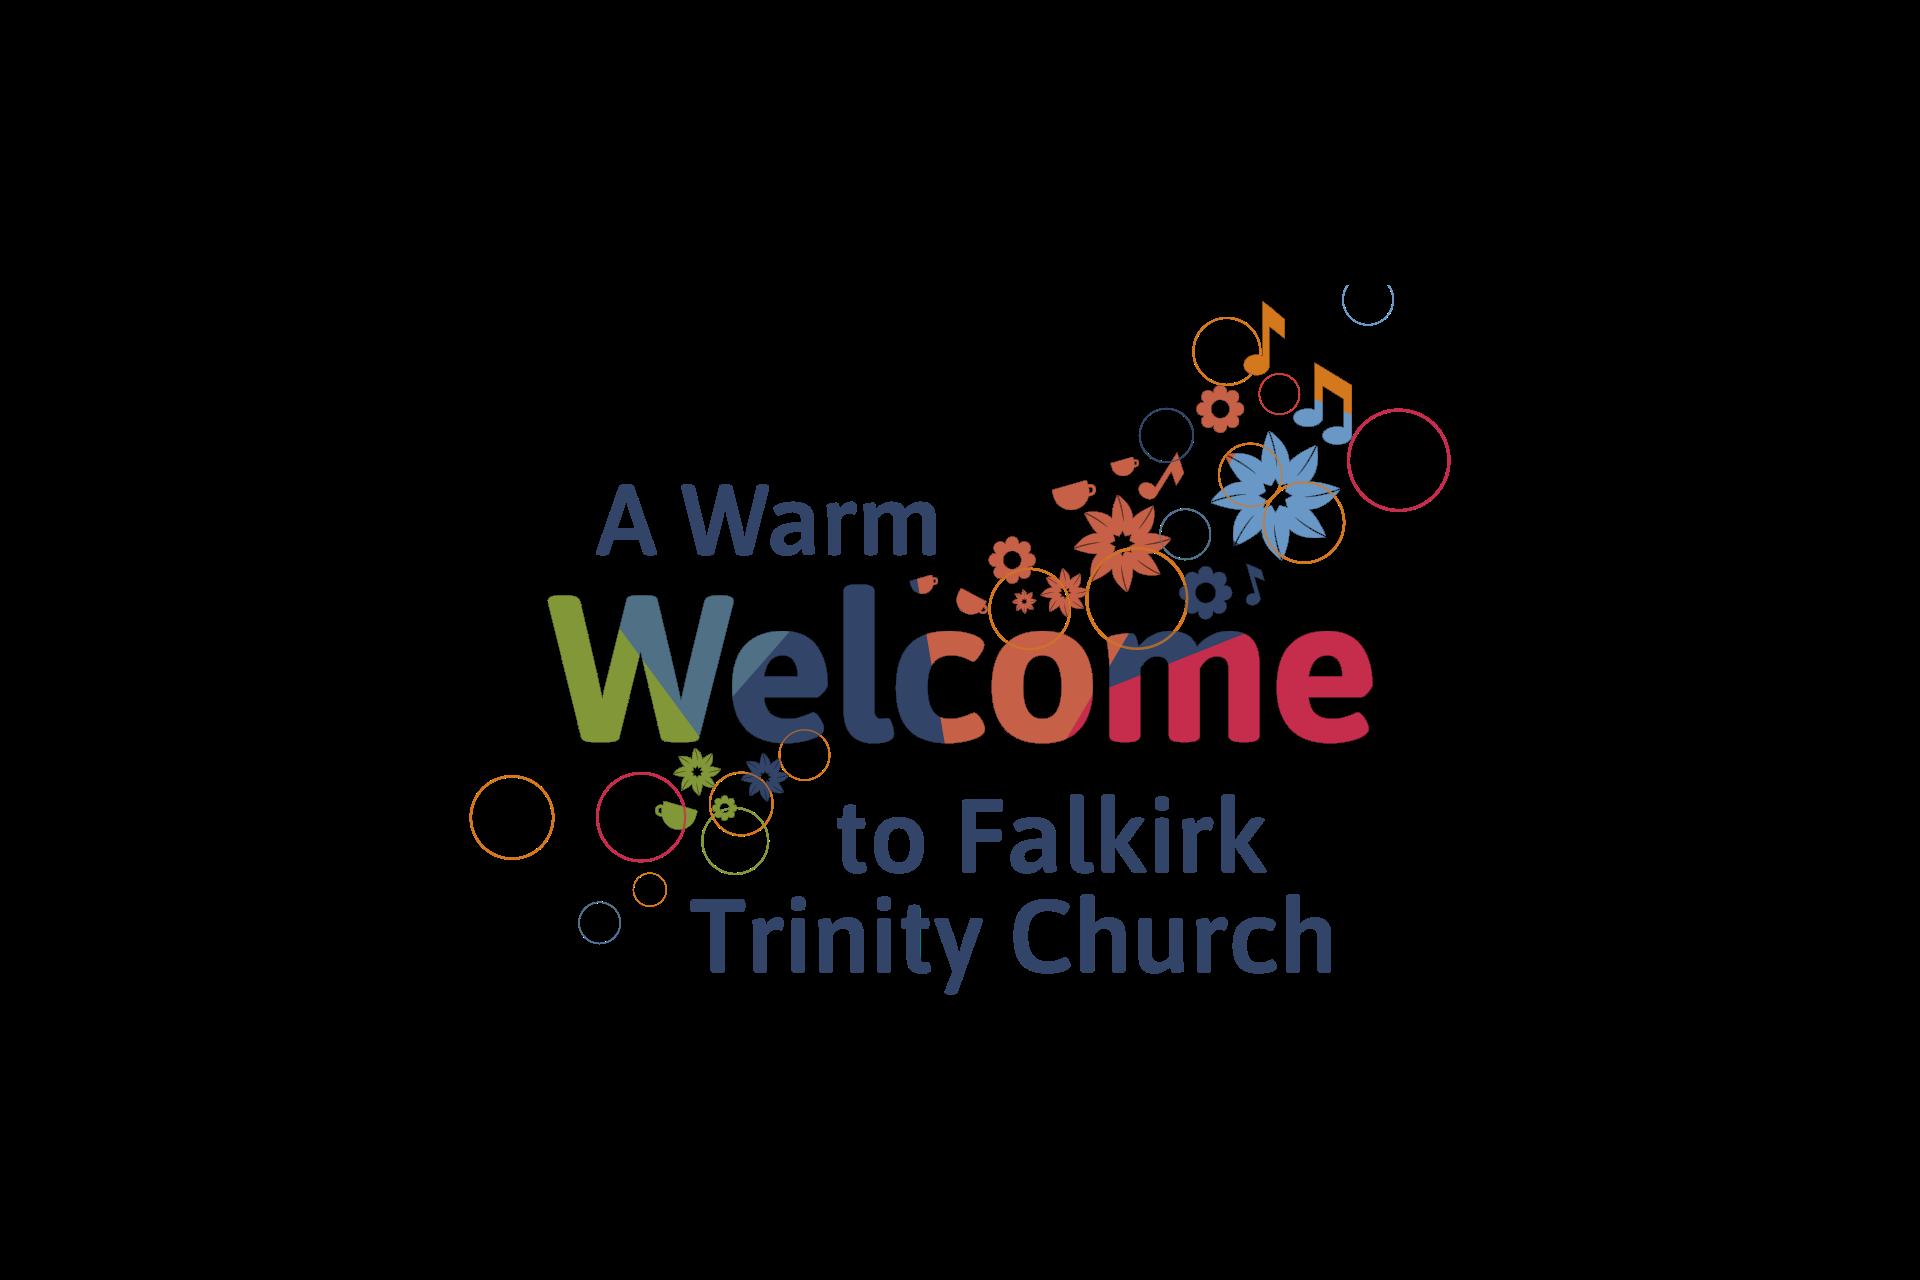 Family Life Centre Falkirk Trinity Church